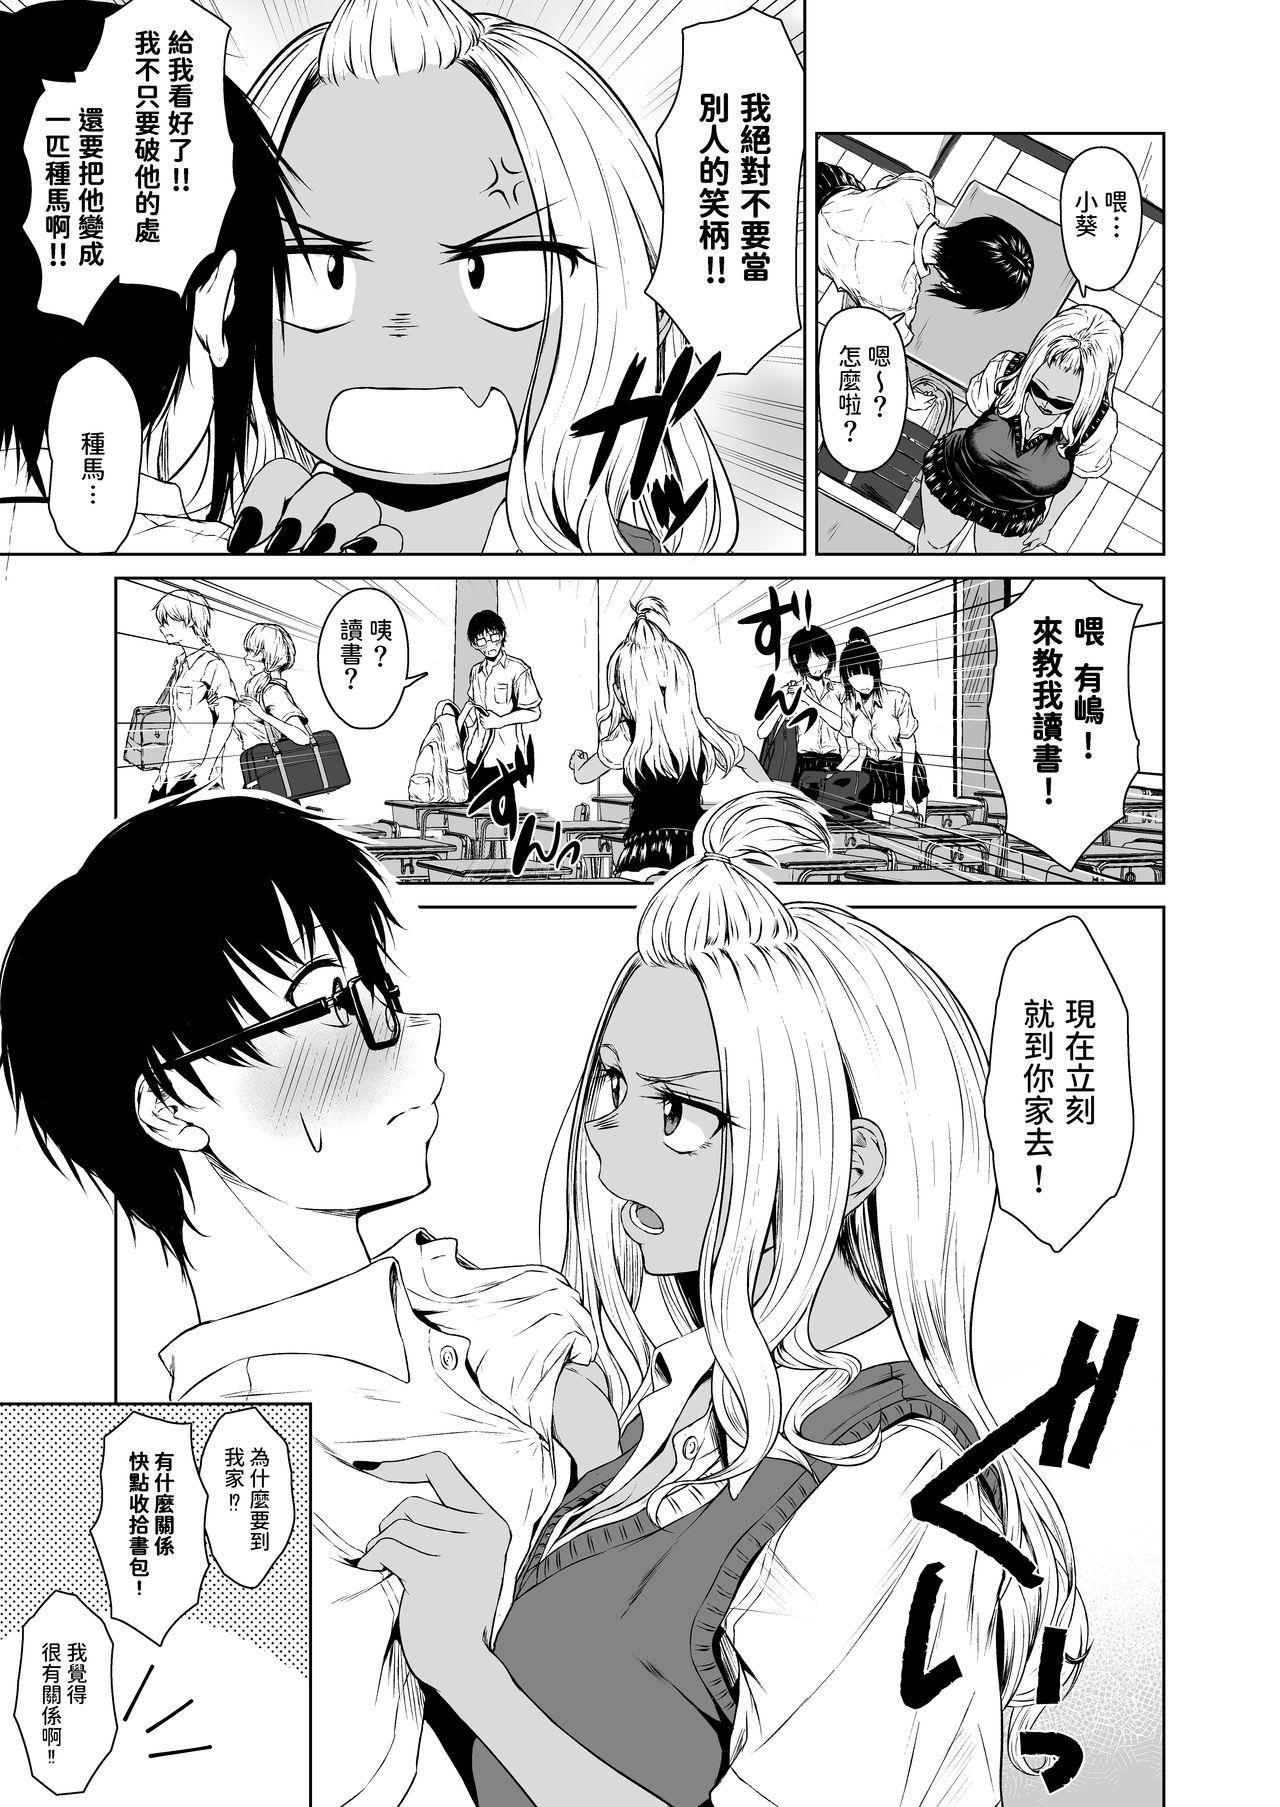 Gal to InCha no Kousai Shuukan. 10